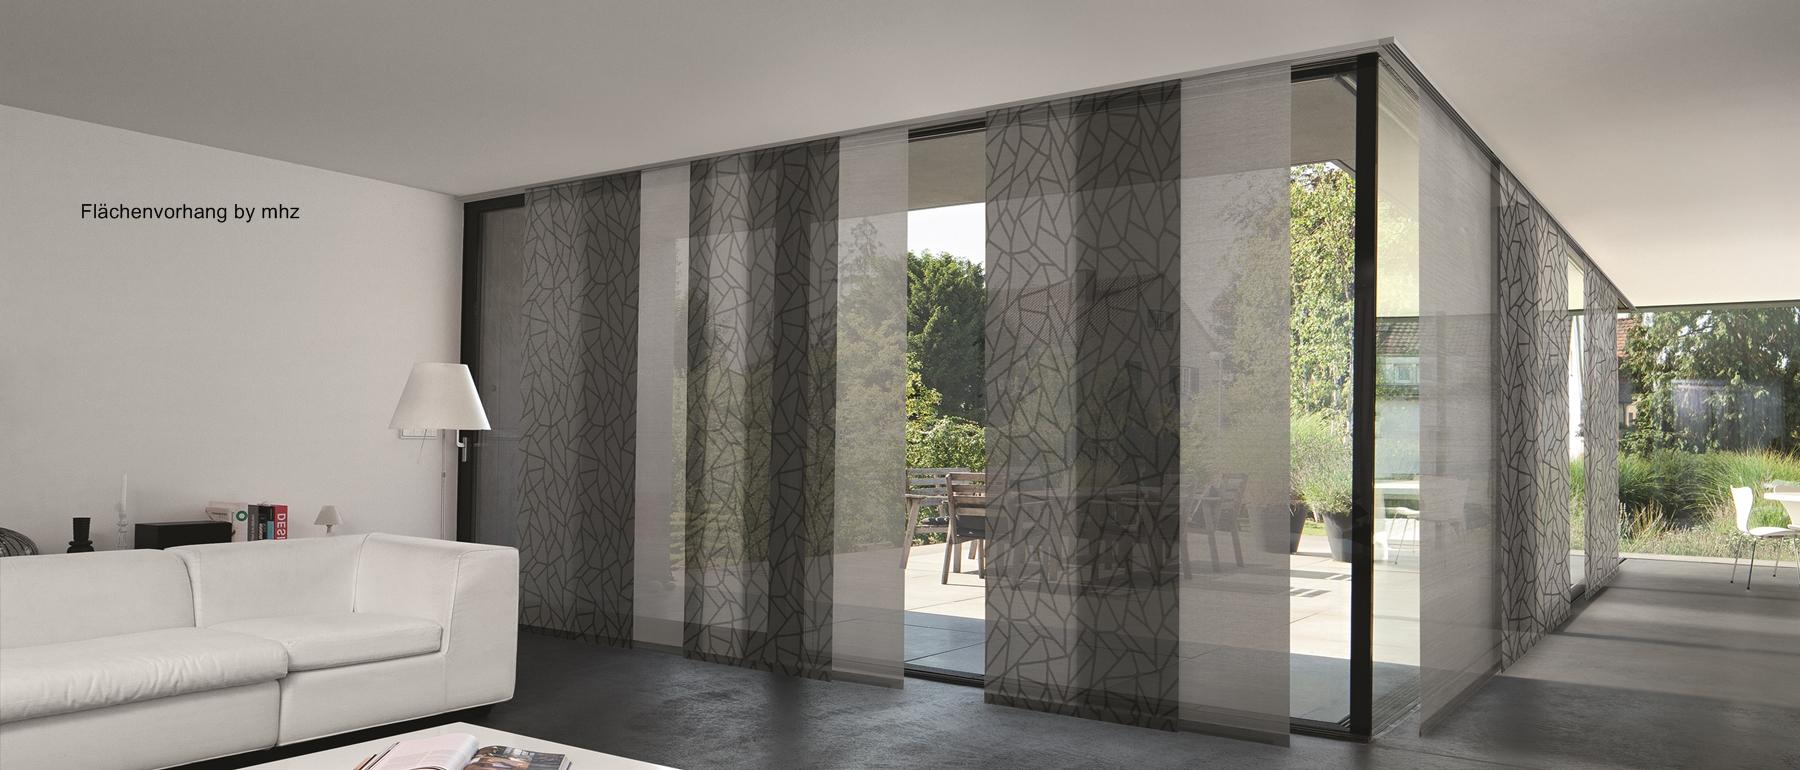 vorhang paneele good full size of moderne vorhnge auf immobilien fr us with vorhang paneele. Black Bedroom Furniture Sets. Home Design Ideas